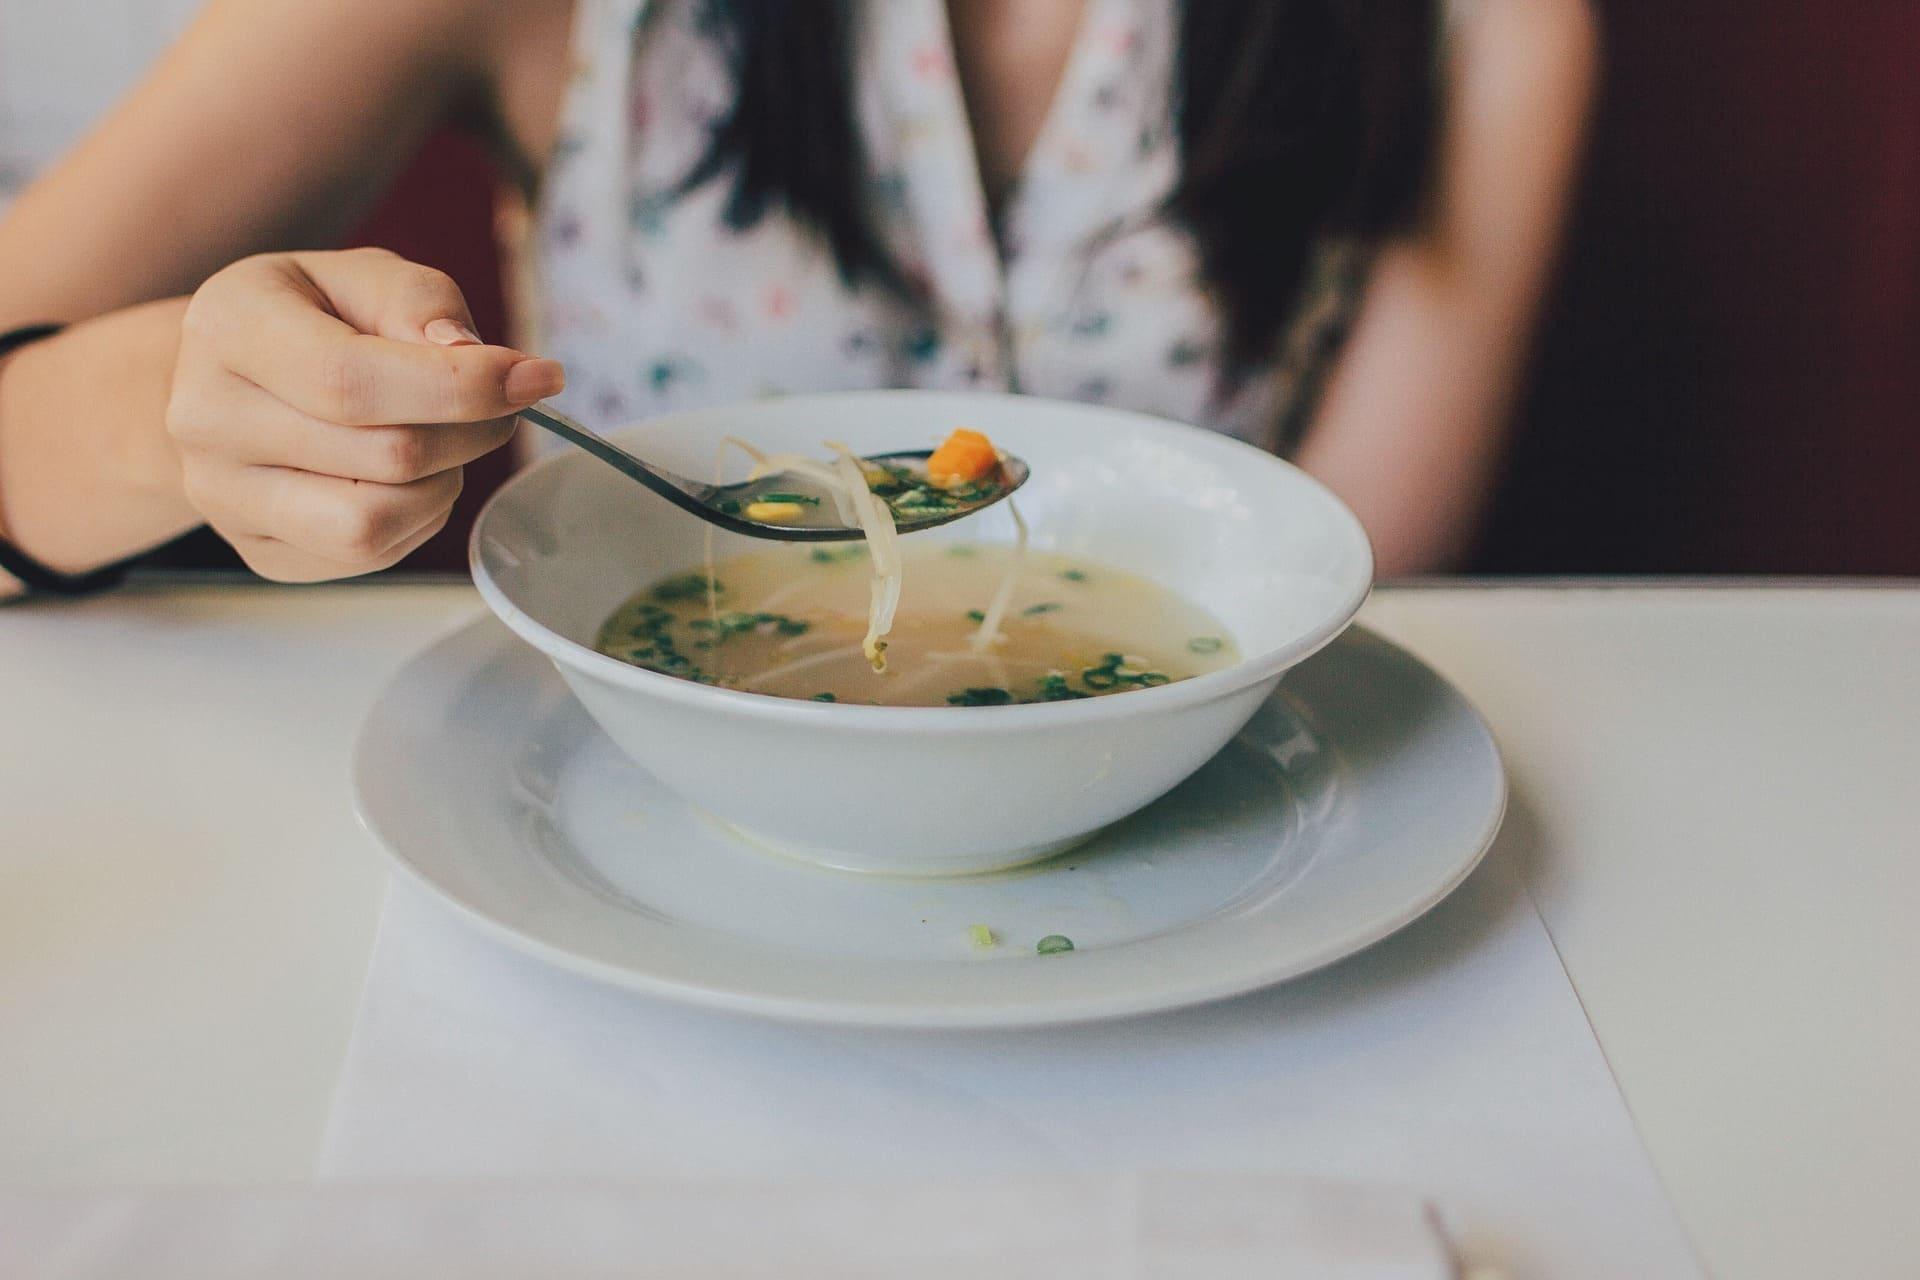 Роды пасля 40. Новенькім супу не даюць.